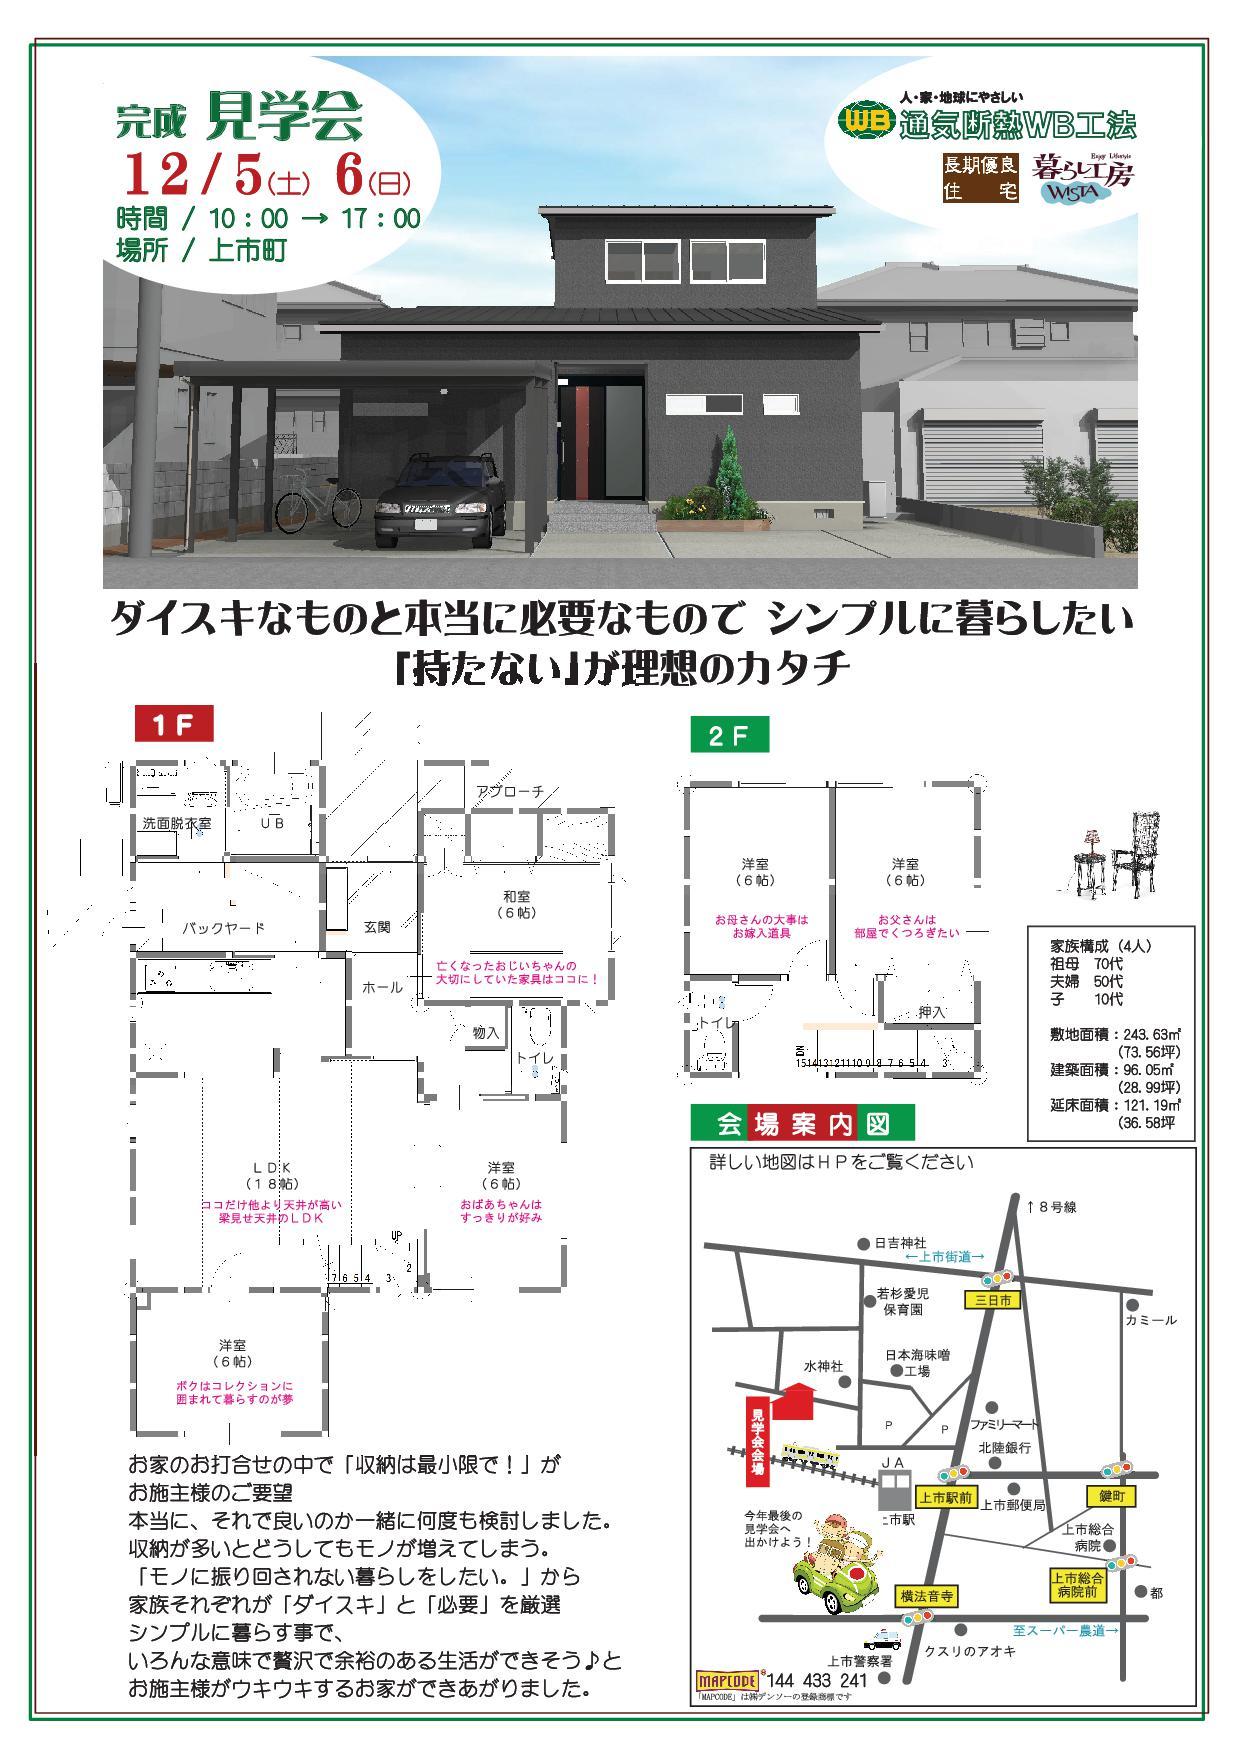 20151205 H邸